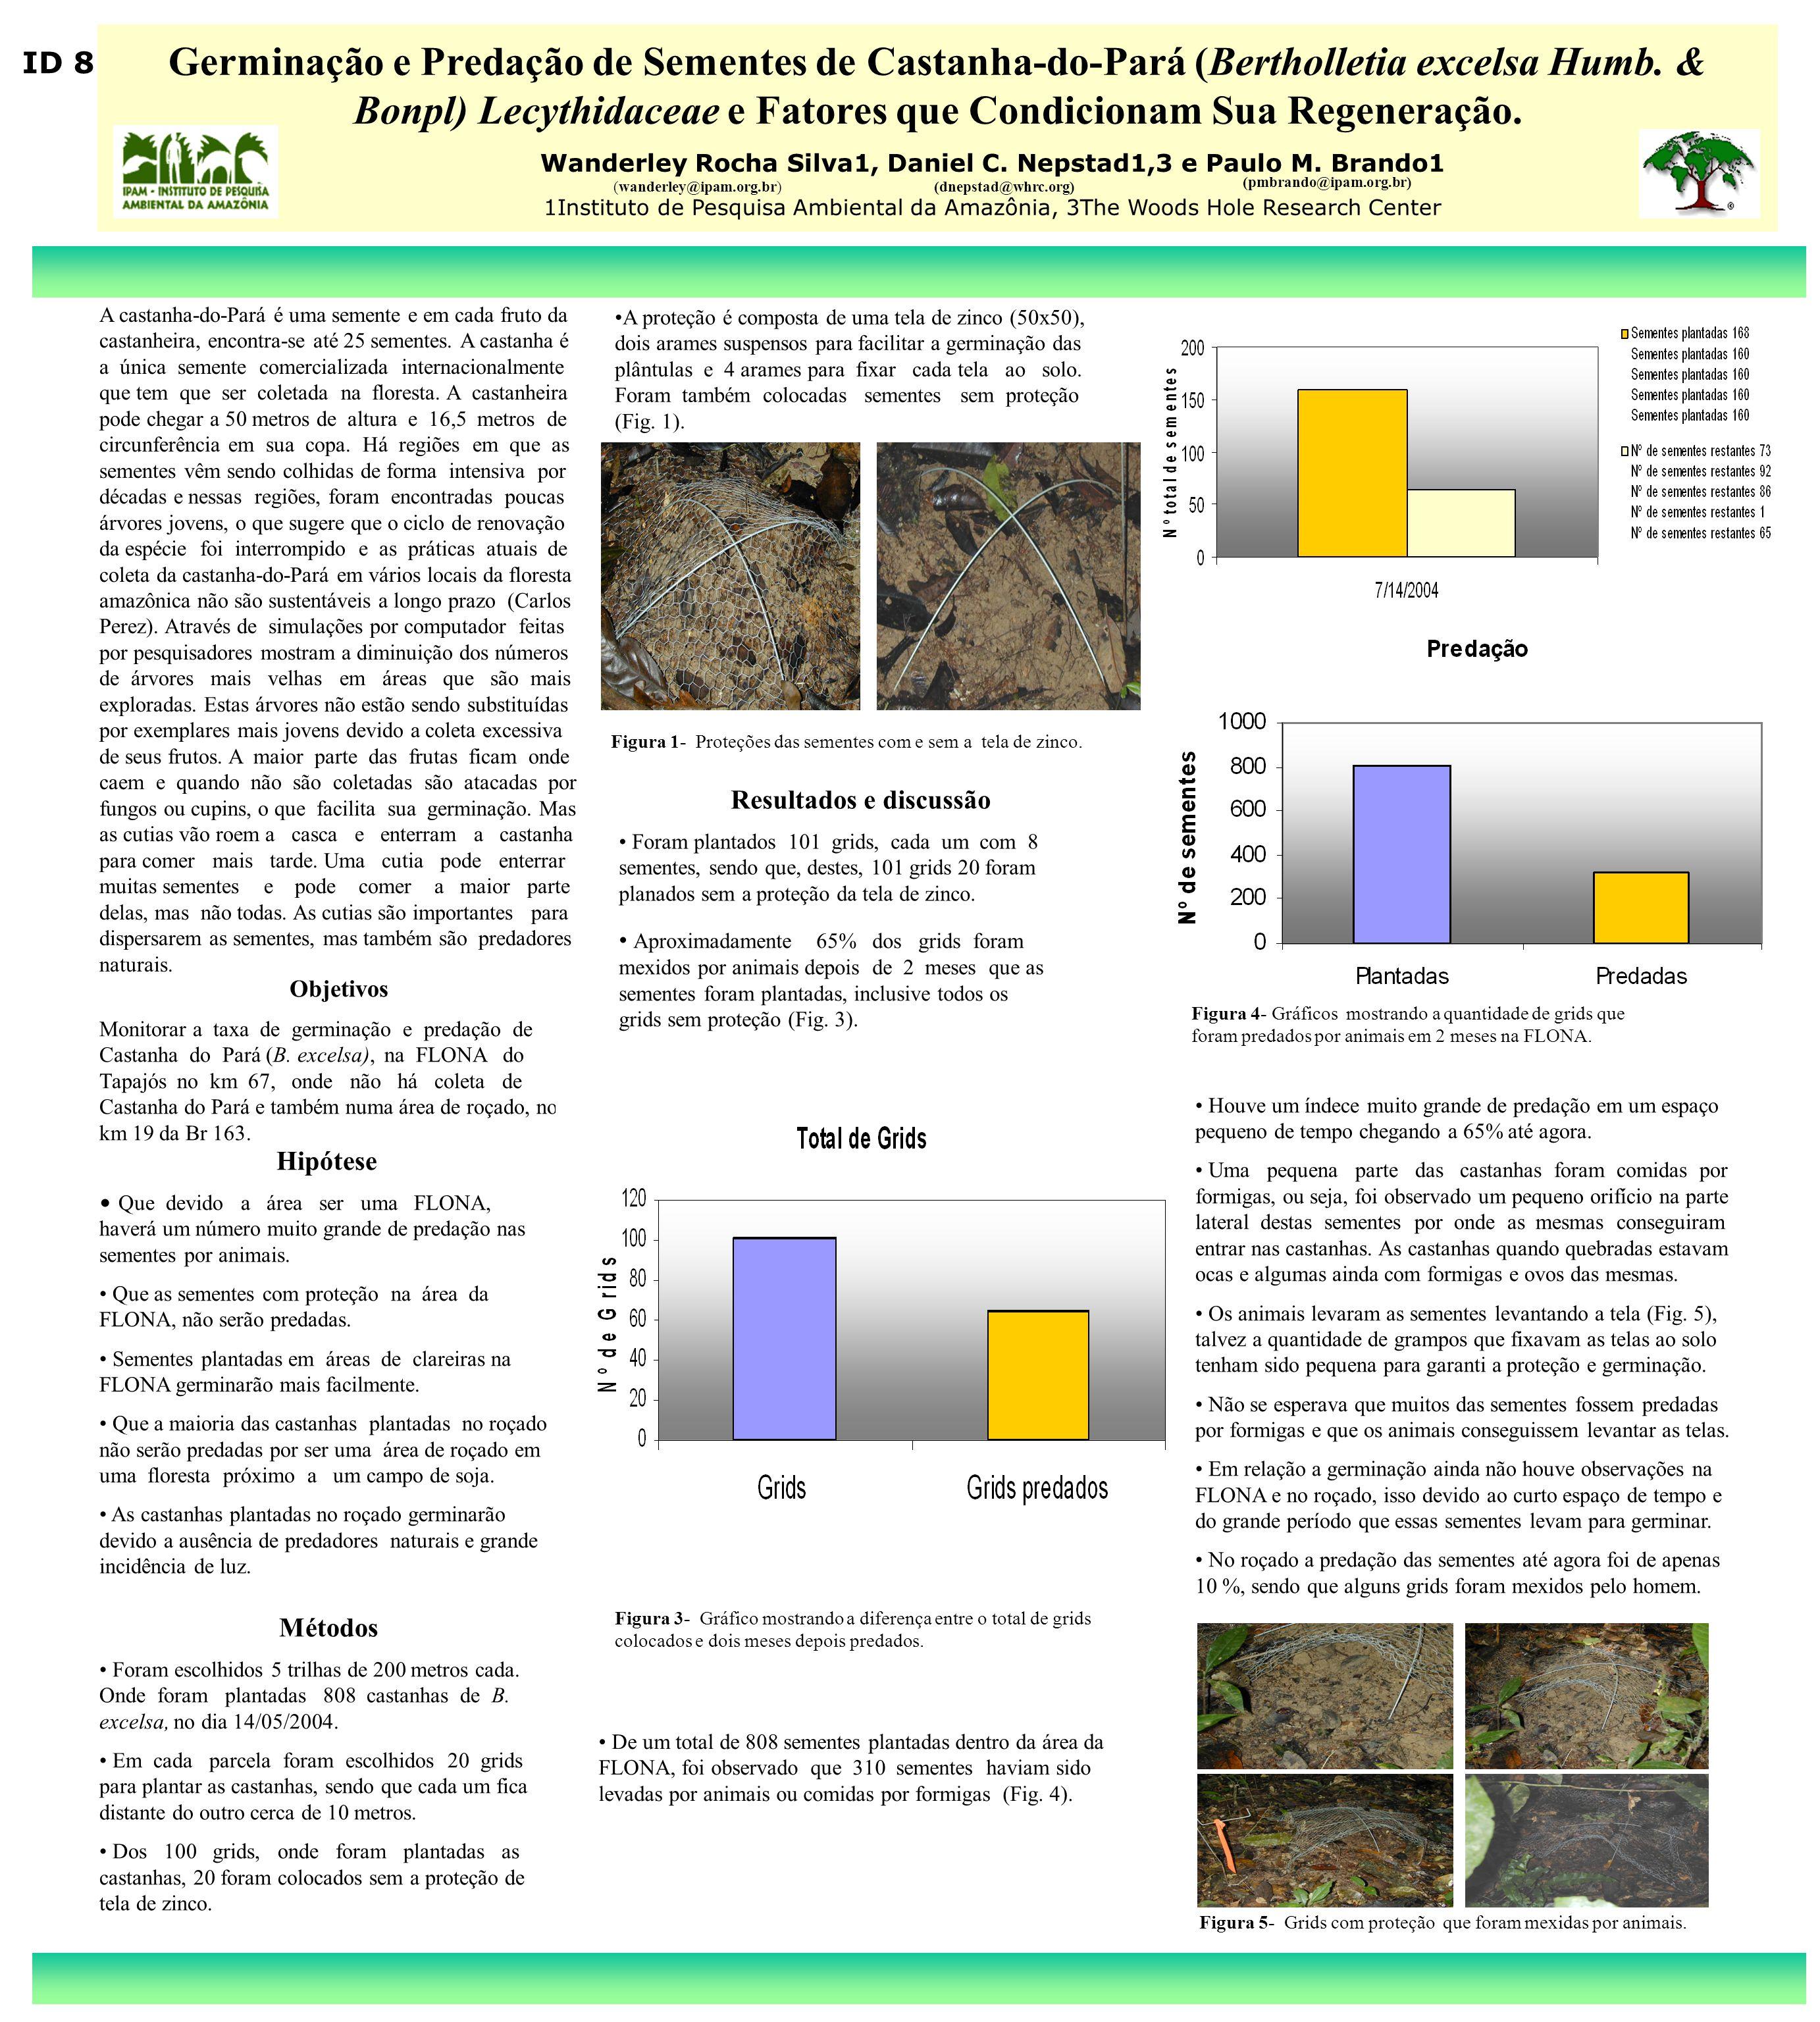 Germinação e Predação de Sementes de Castanha-do-Pará (Bertholletia excelsa Humb. & Bonpl) Lecythidaceae e Fatores que Condicionam Sua Regeneração.